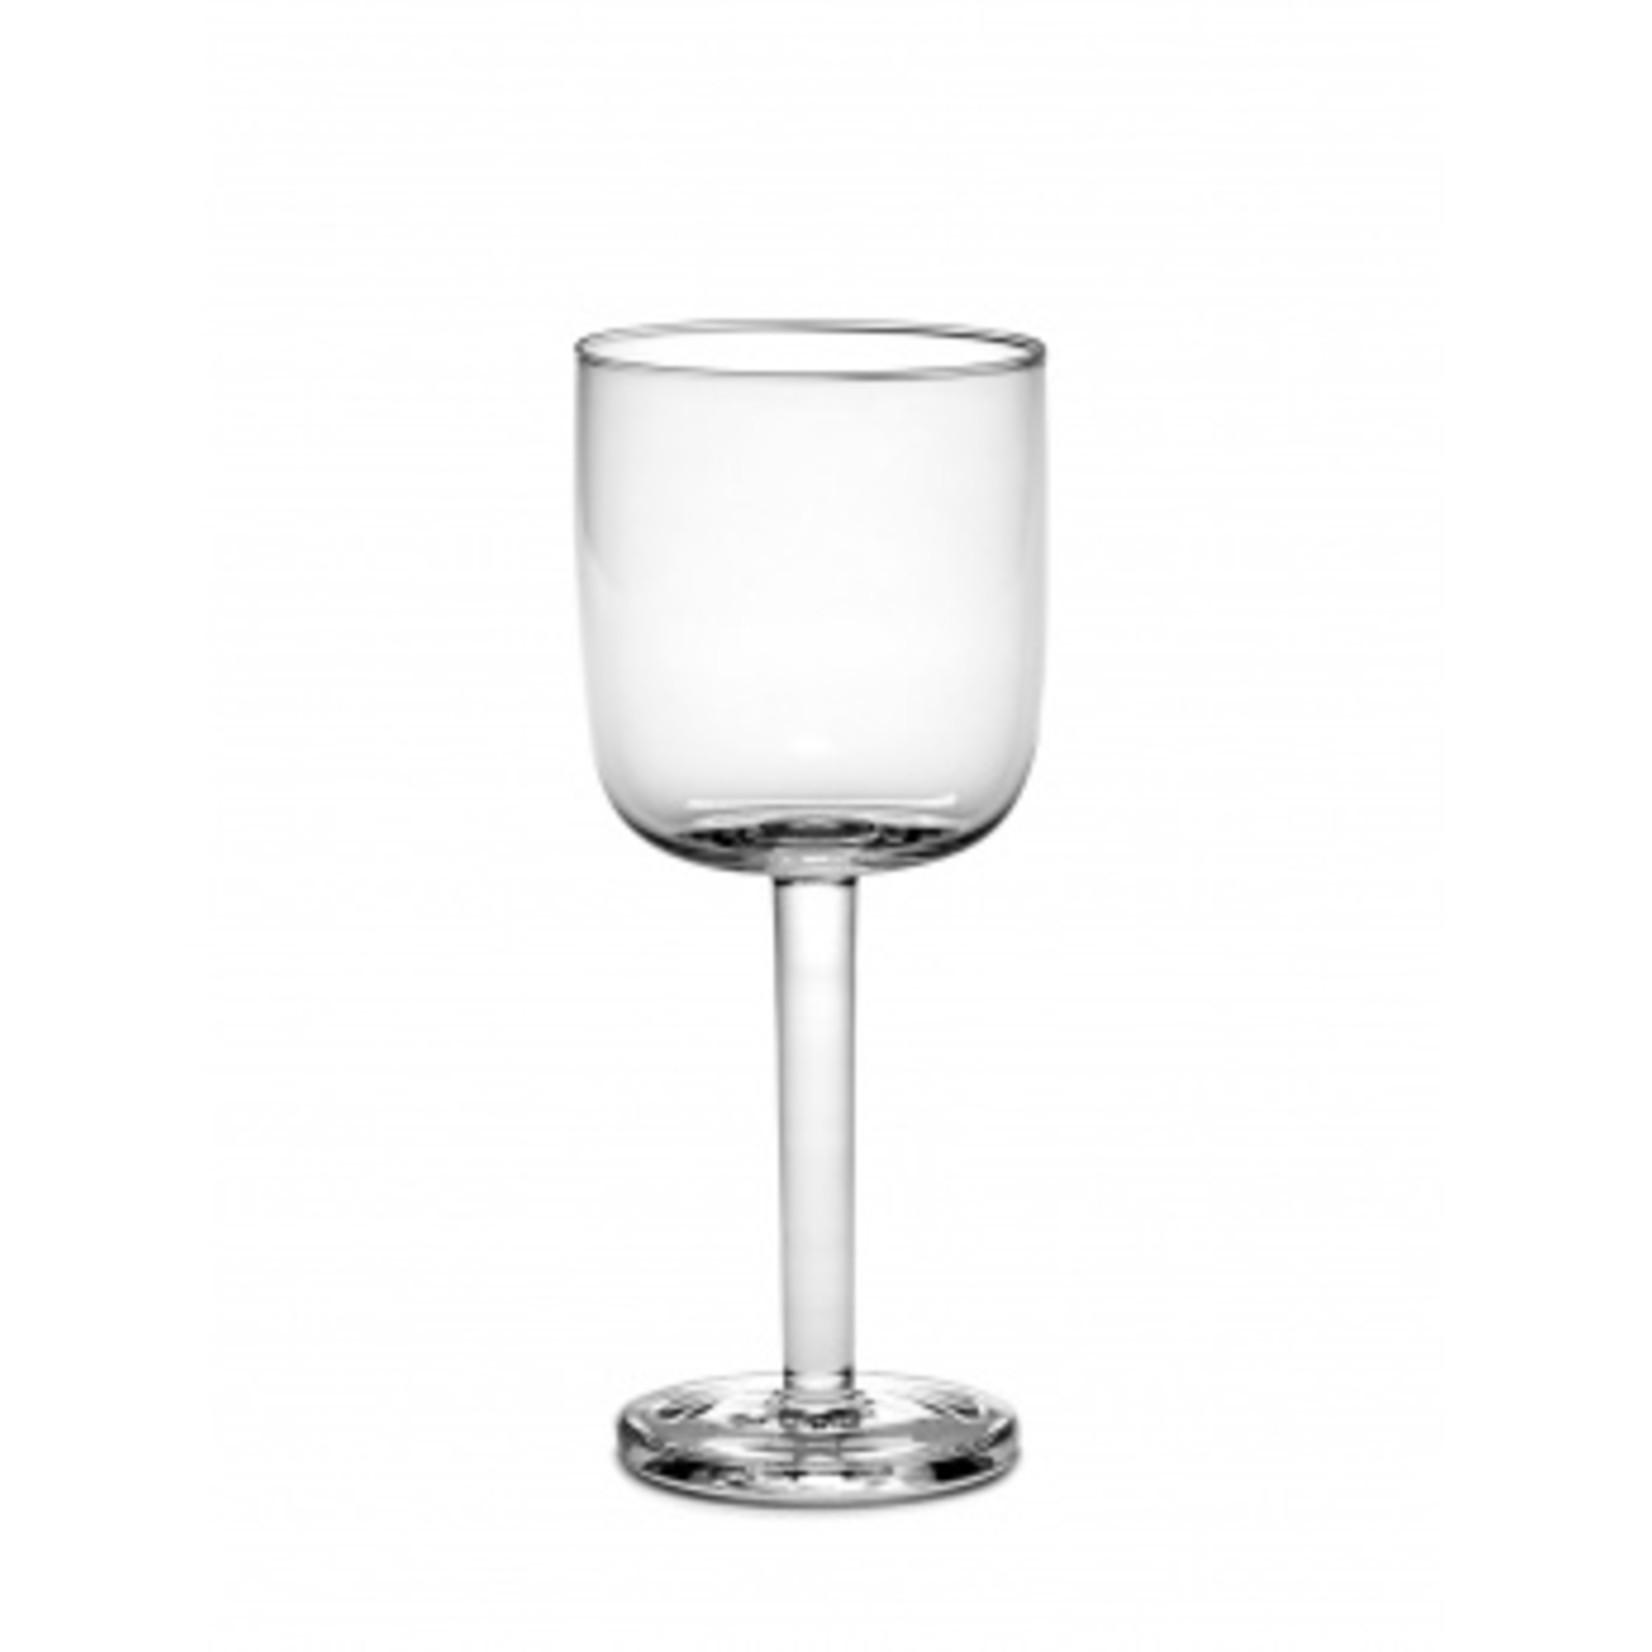 Piet Boon Witte wijnglas Piet Boon